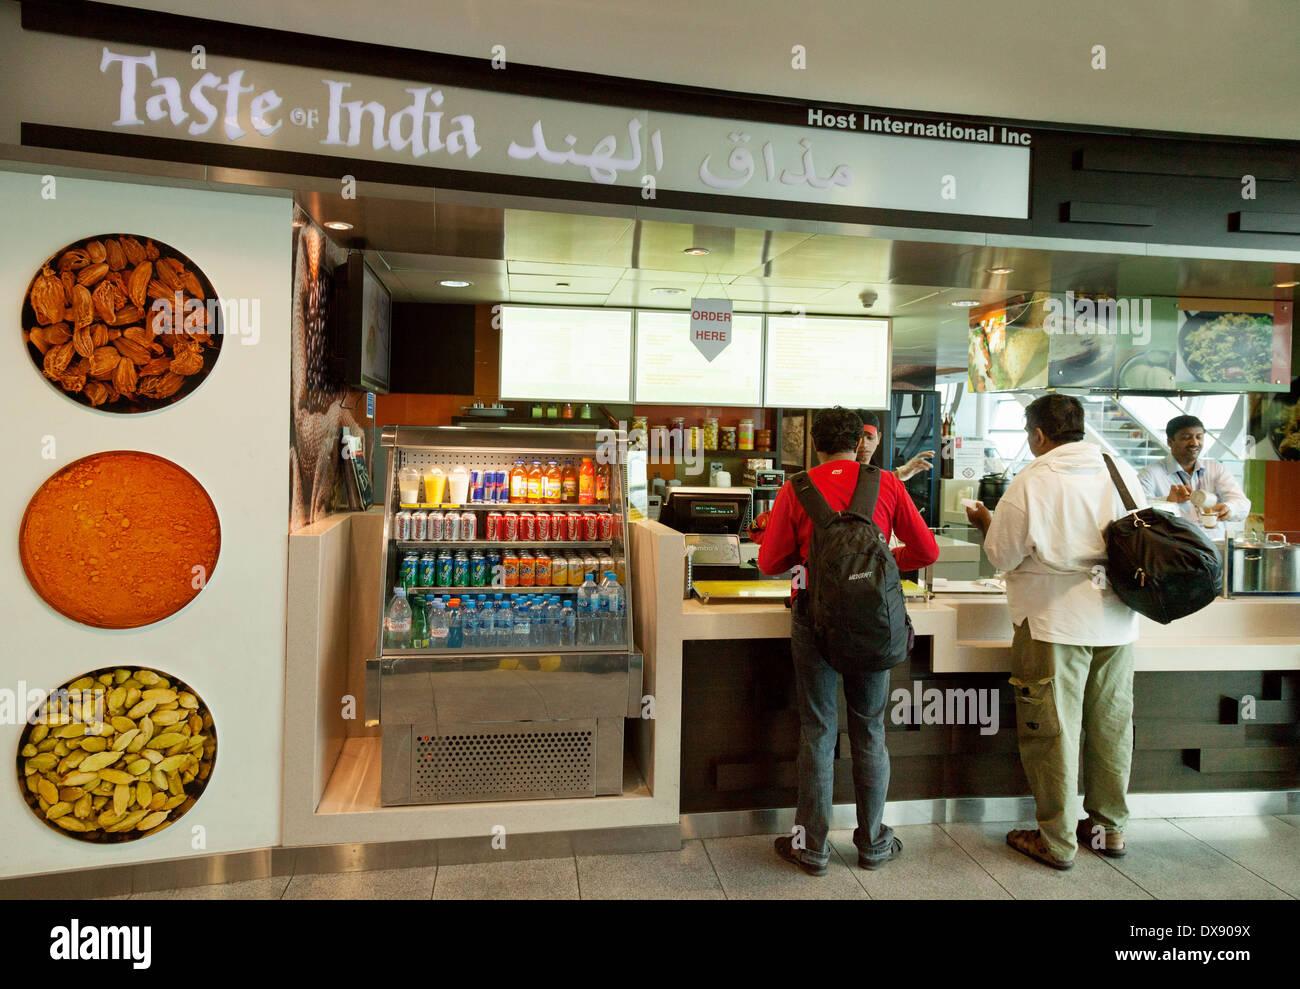 Il gusto dell'India ristorante cafe, Dubai Airport Terminal, UAE, Uited Emirati Arabi, Medio Oriente Immagini Stock